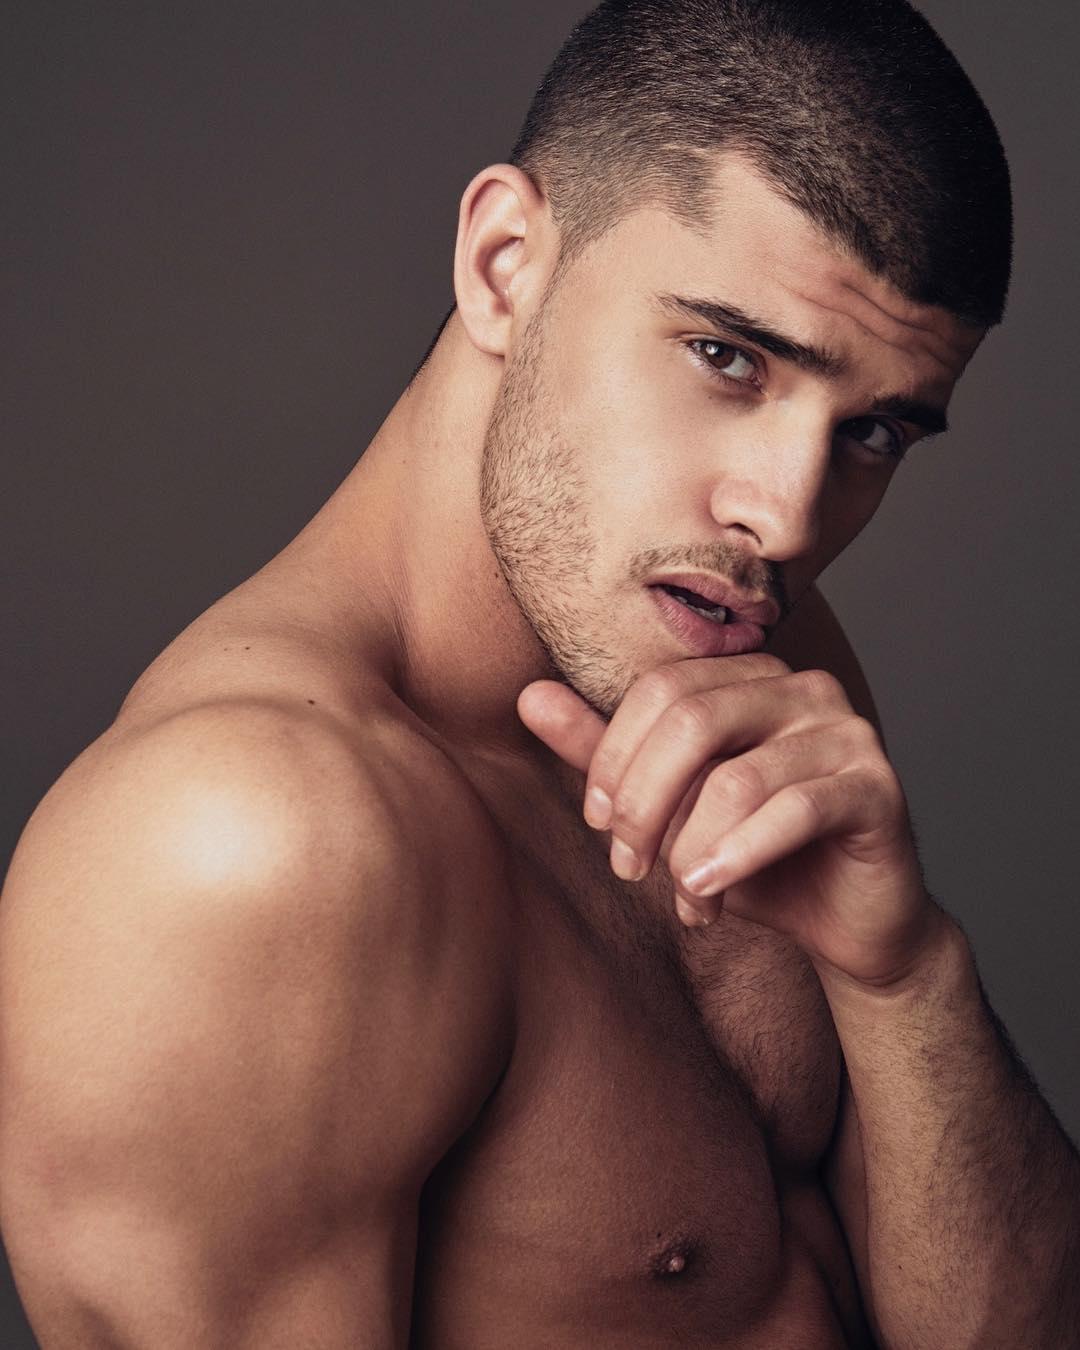 Качественные клипы мускулистых парней, порно фото сосет в туалете ресторана